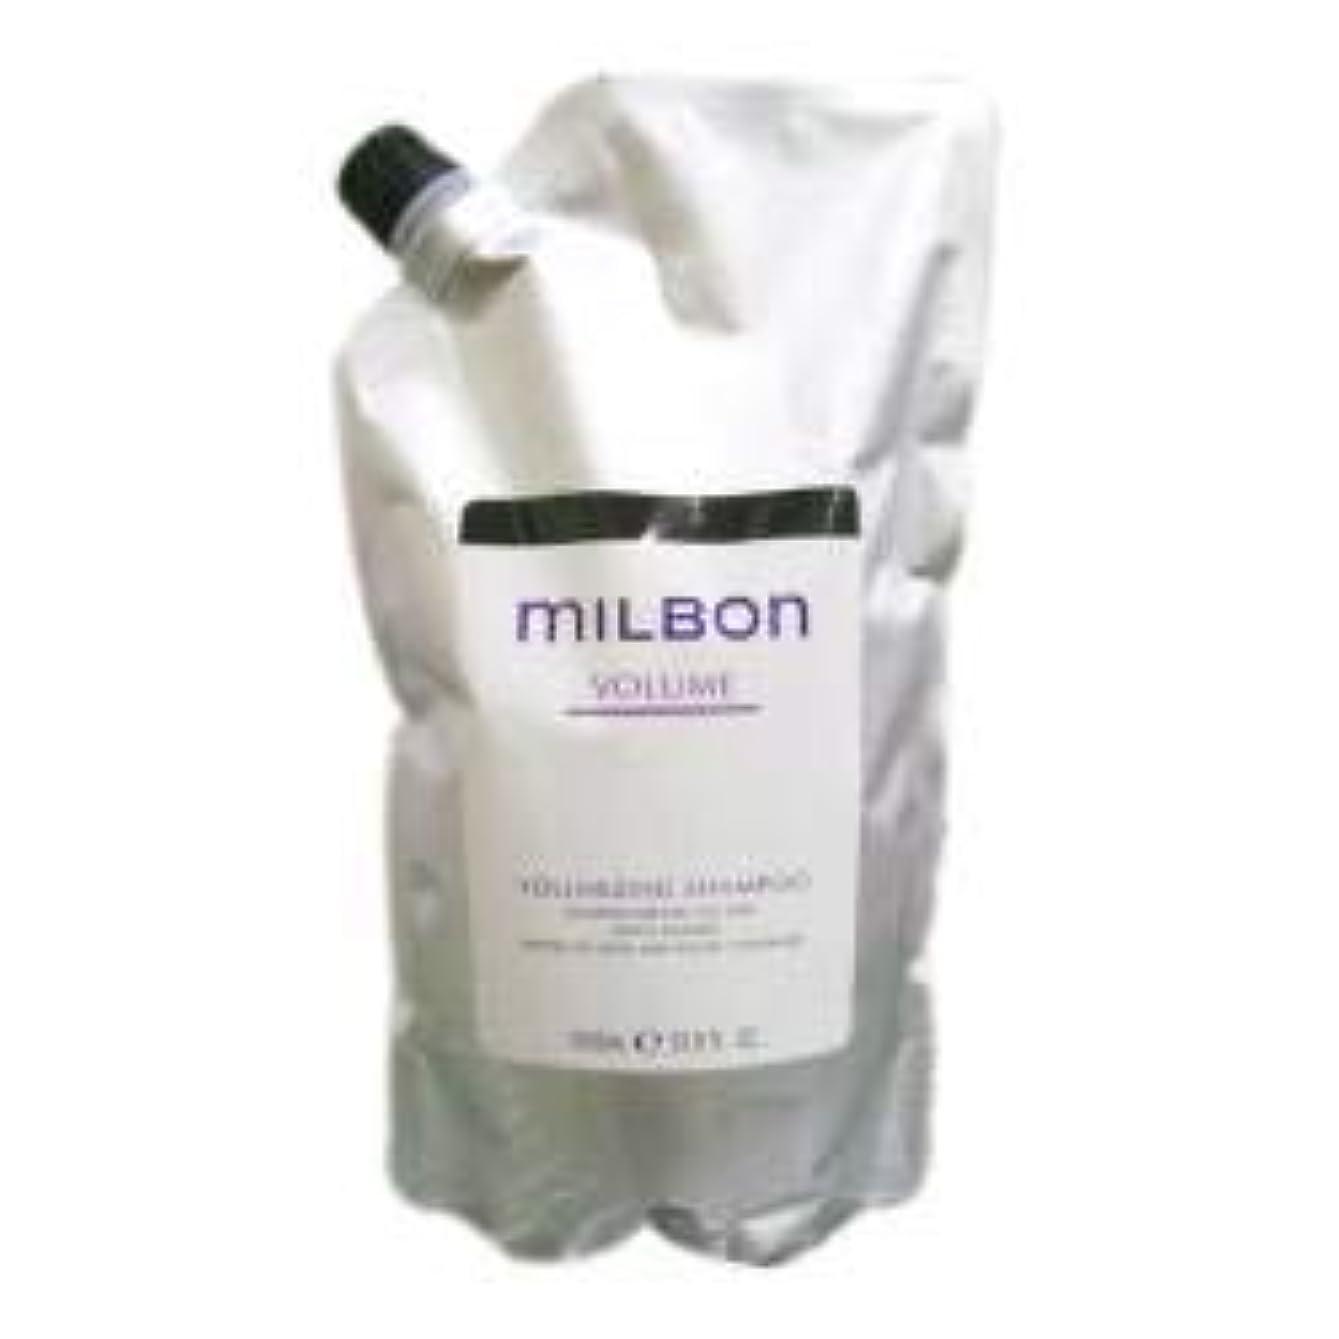 再発するペンフレンド導入するミルボン ボリューマイジング シャンプー<つめかえ用>(1000ml)